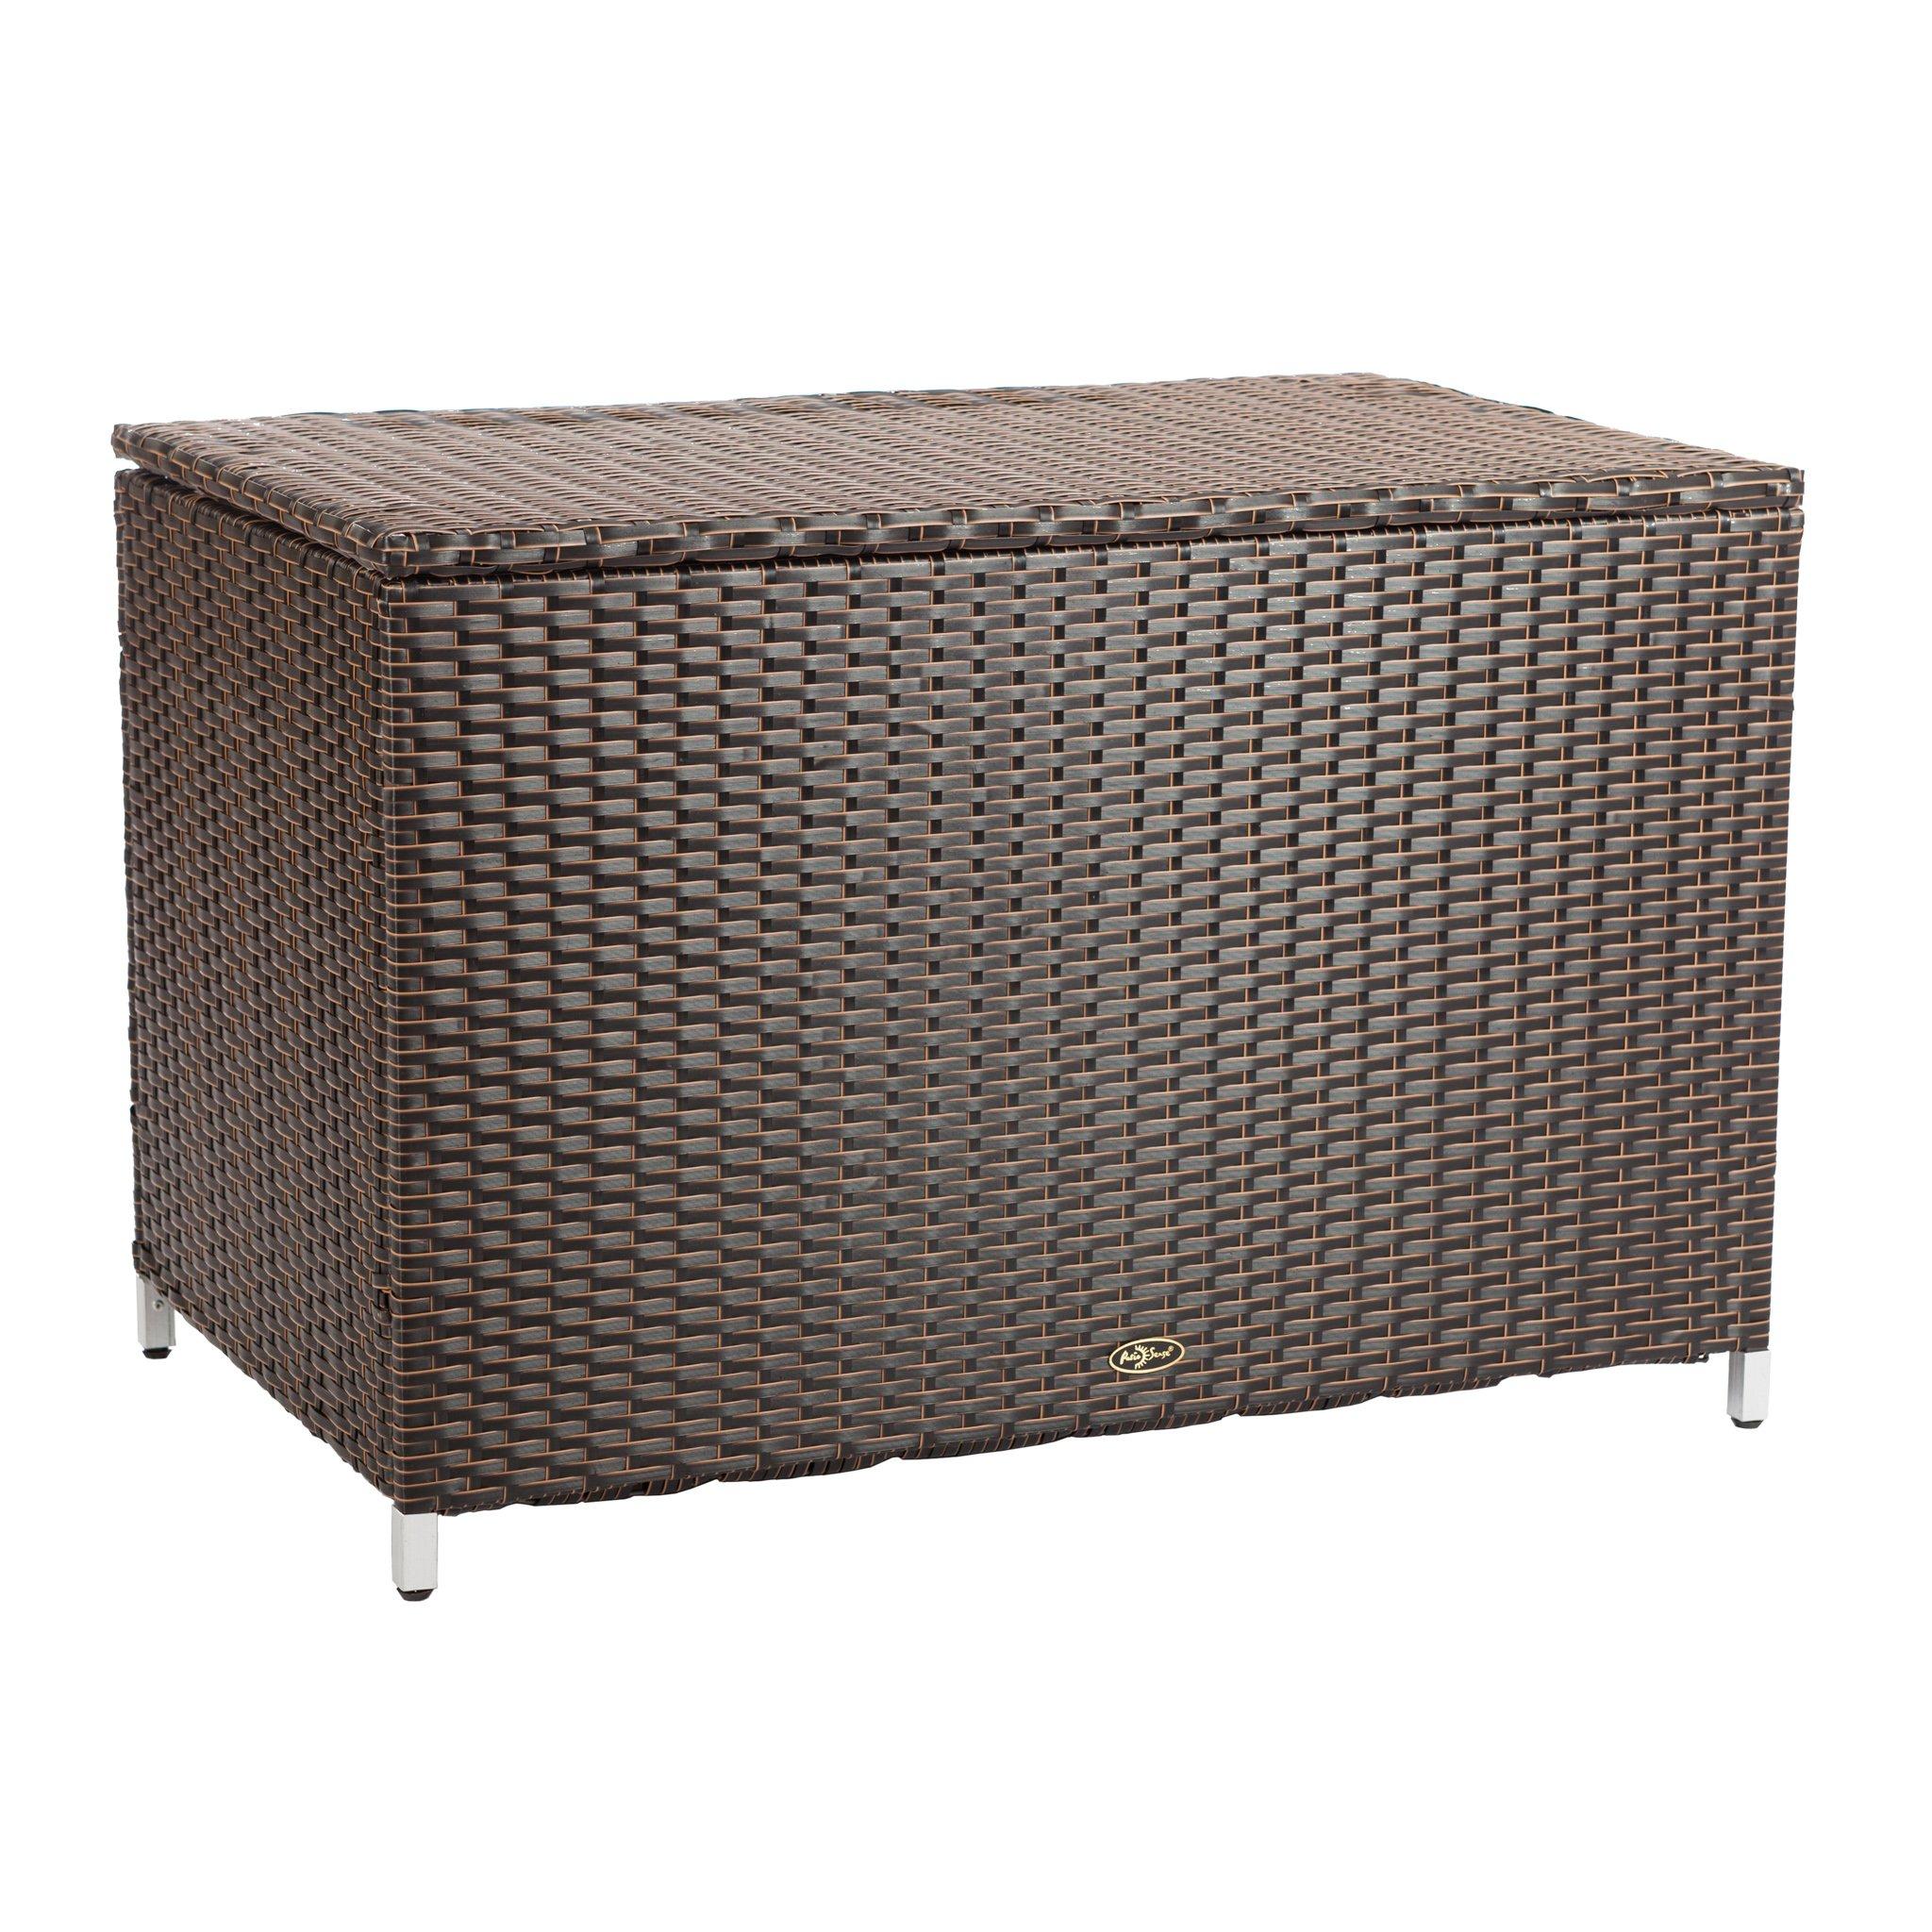 Patio Sense 62427 Hayden Patio Deck Box, Brown